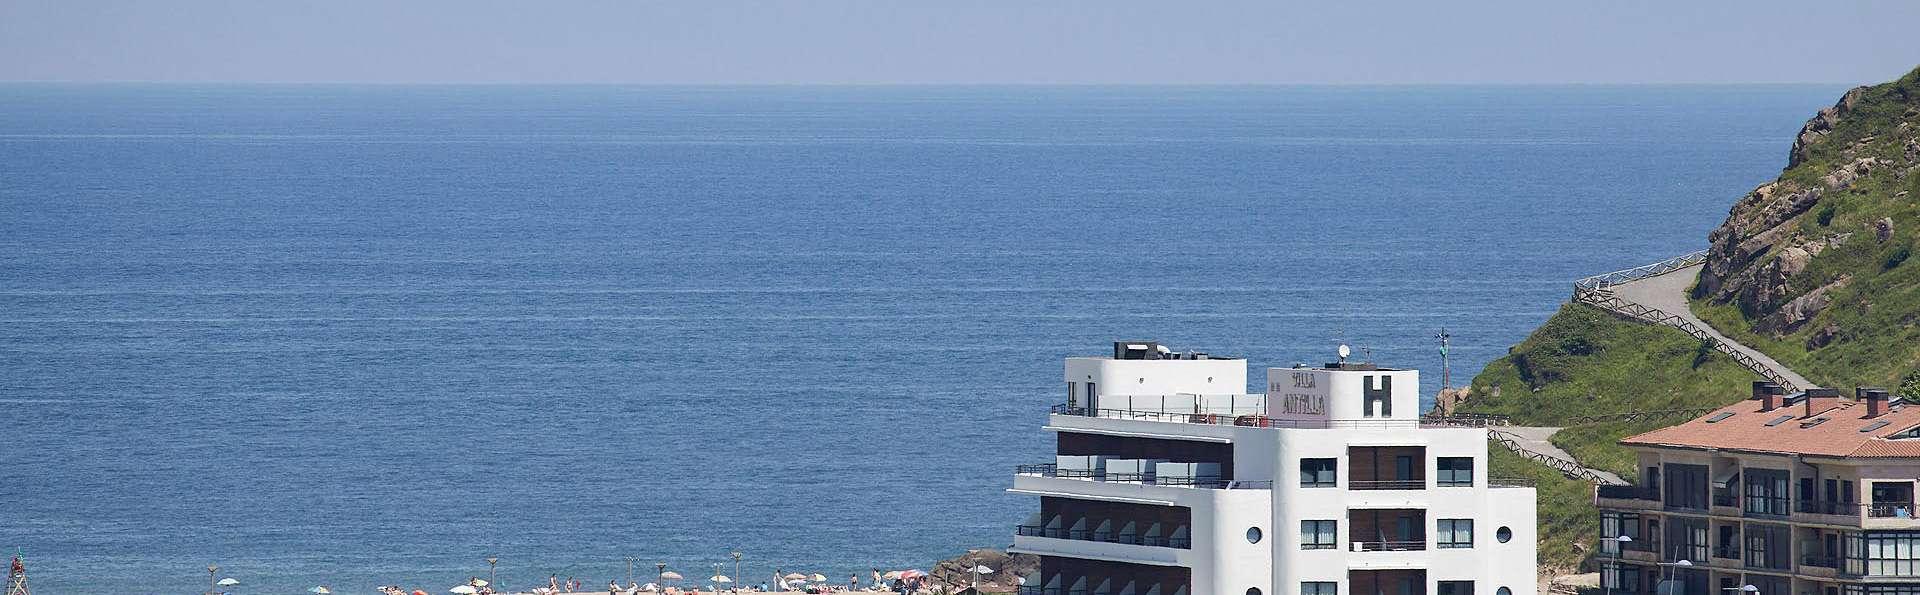 Hotel & Thalasso Villa Antilla - EDIT_N2_FRONT_01.jpg